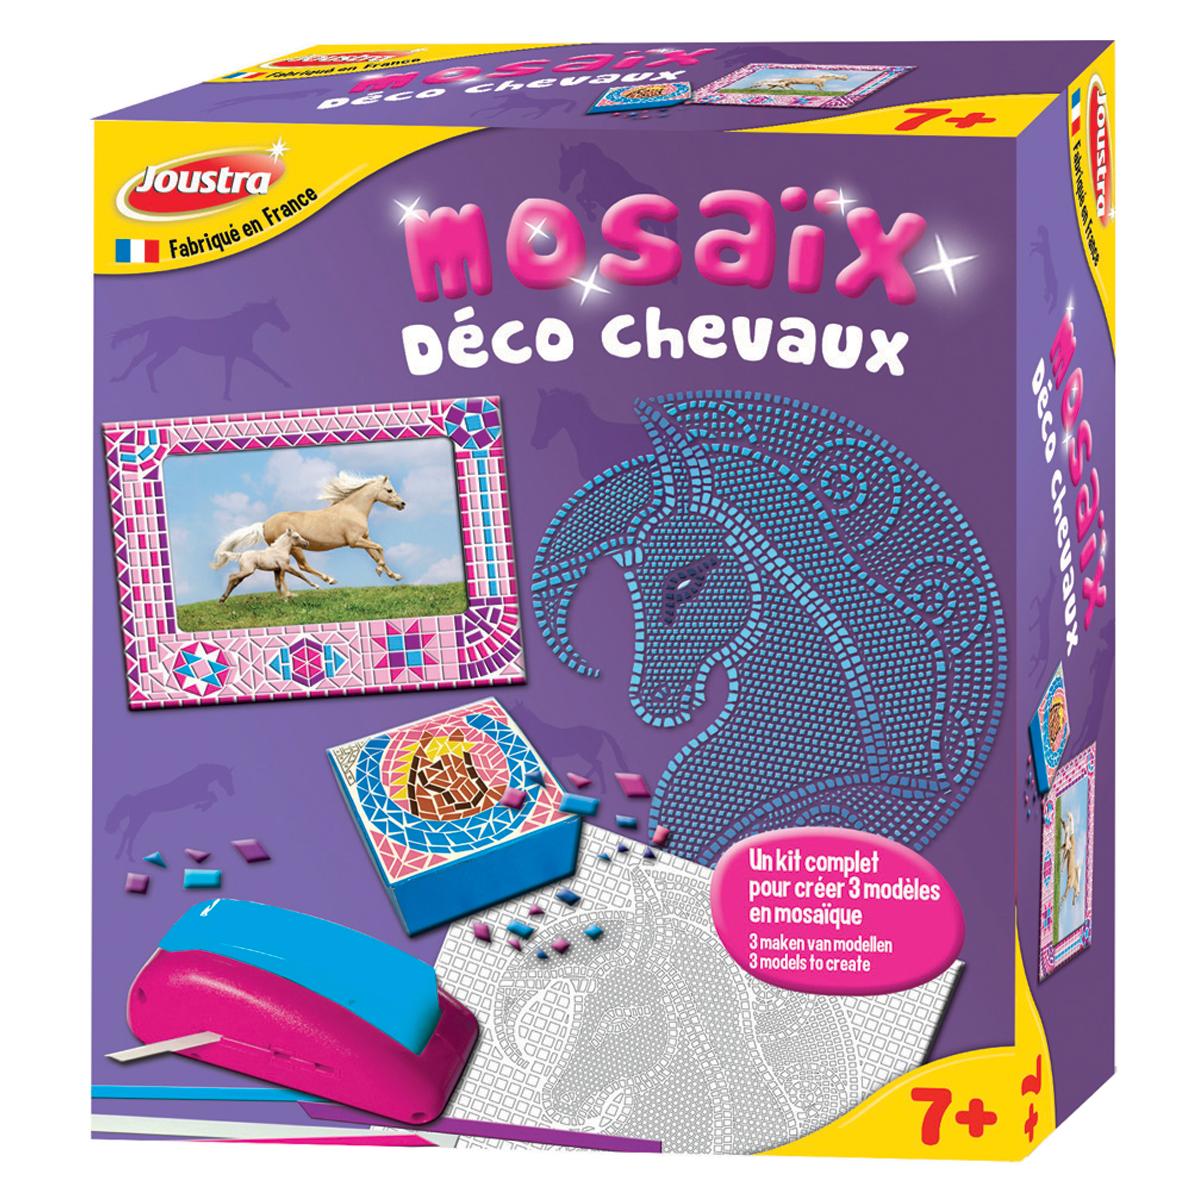 Mosaïx - Déco chevaux